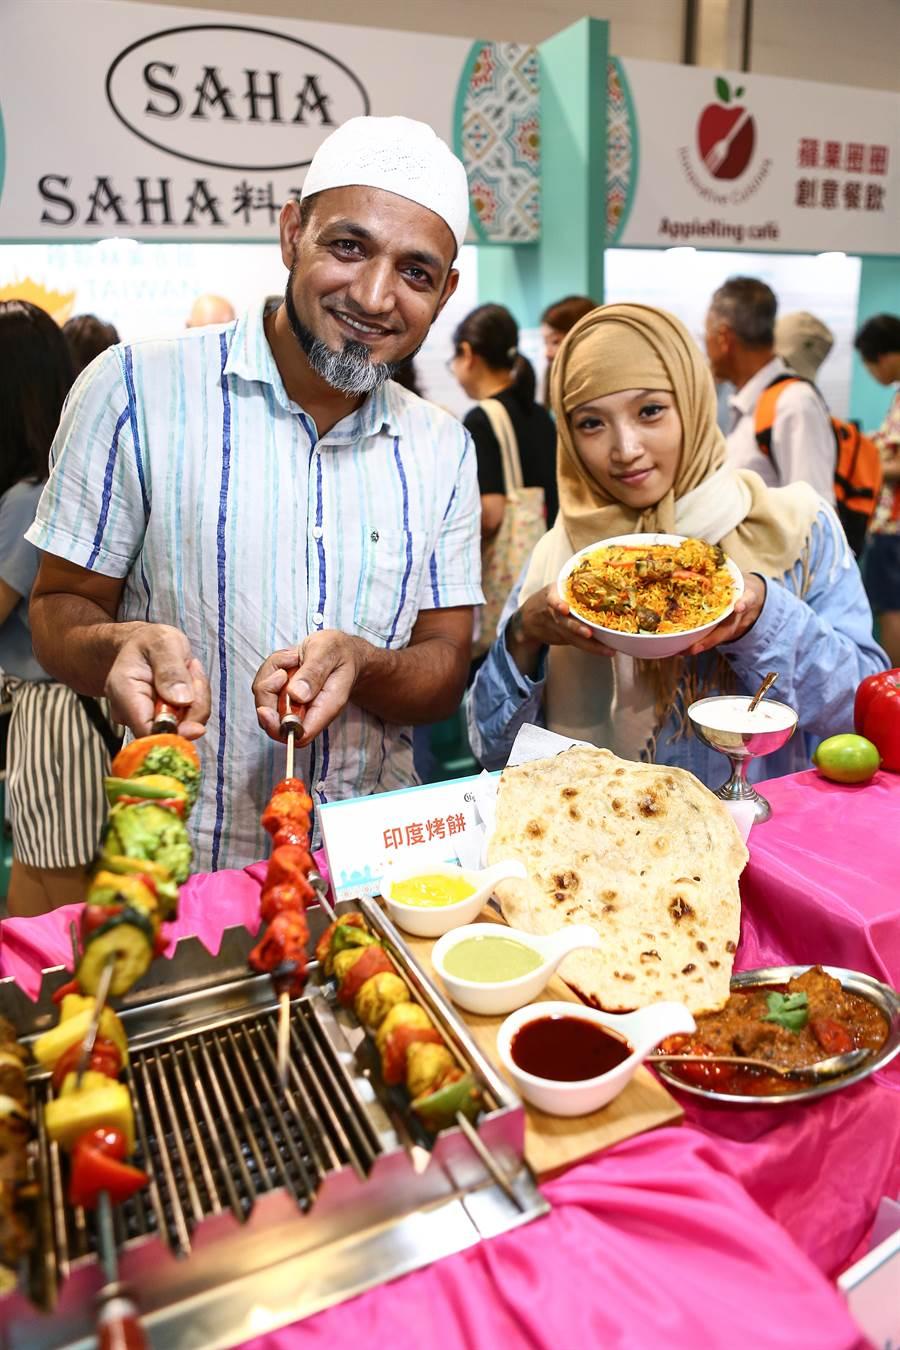 2018台灣美食展10起至13日,在台北世貿一館隆重登場,打造5大展區、21個主題館。由於政府新南向政策的推動下,東南亞國家來台旅客成長,因此今年特地成立了穆斯林館。(鄧博仁攝)